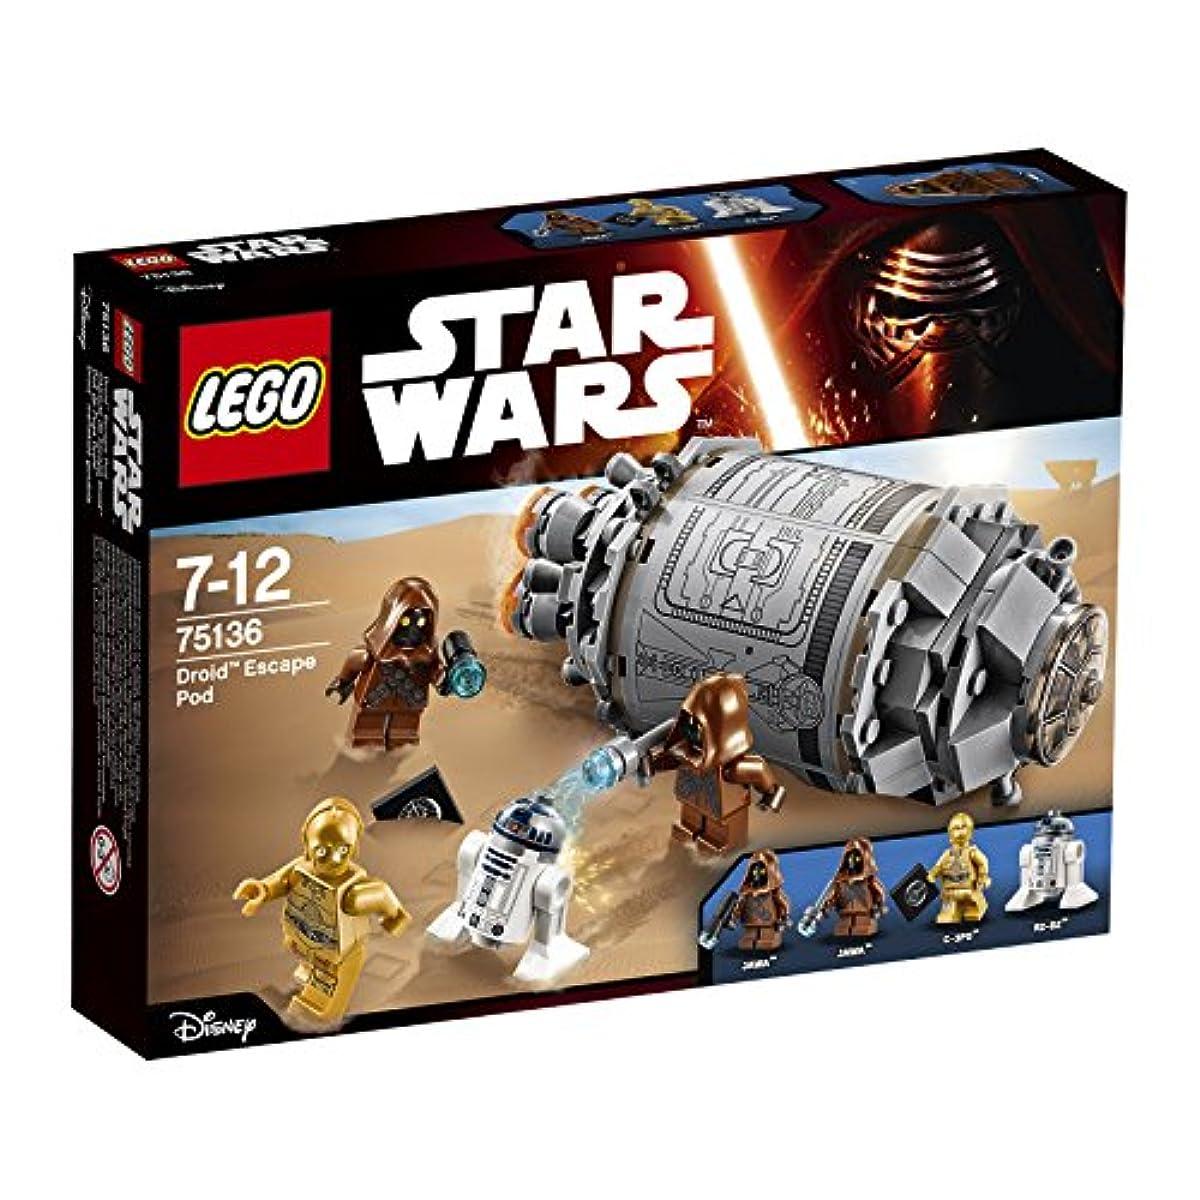 [해외] 레고 (LEGO) 스타워즈 드 그린 닌자(로이드)의 탈출 포드 75136